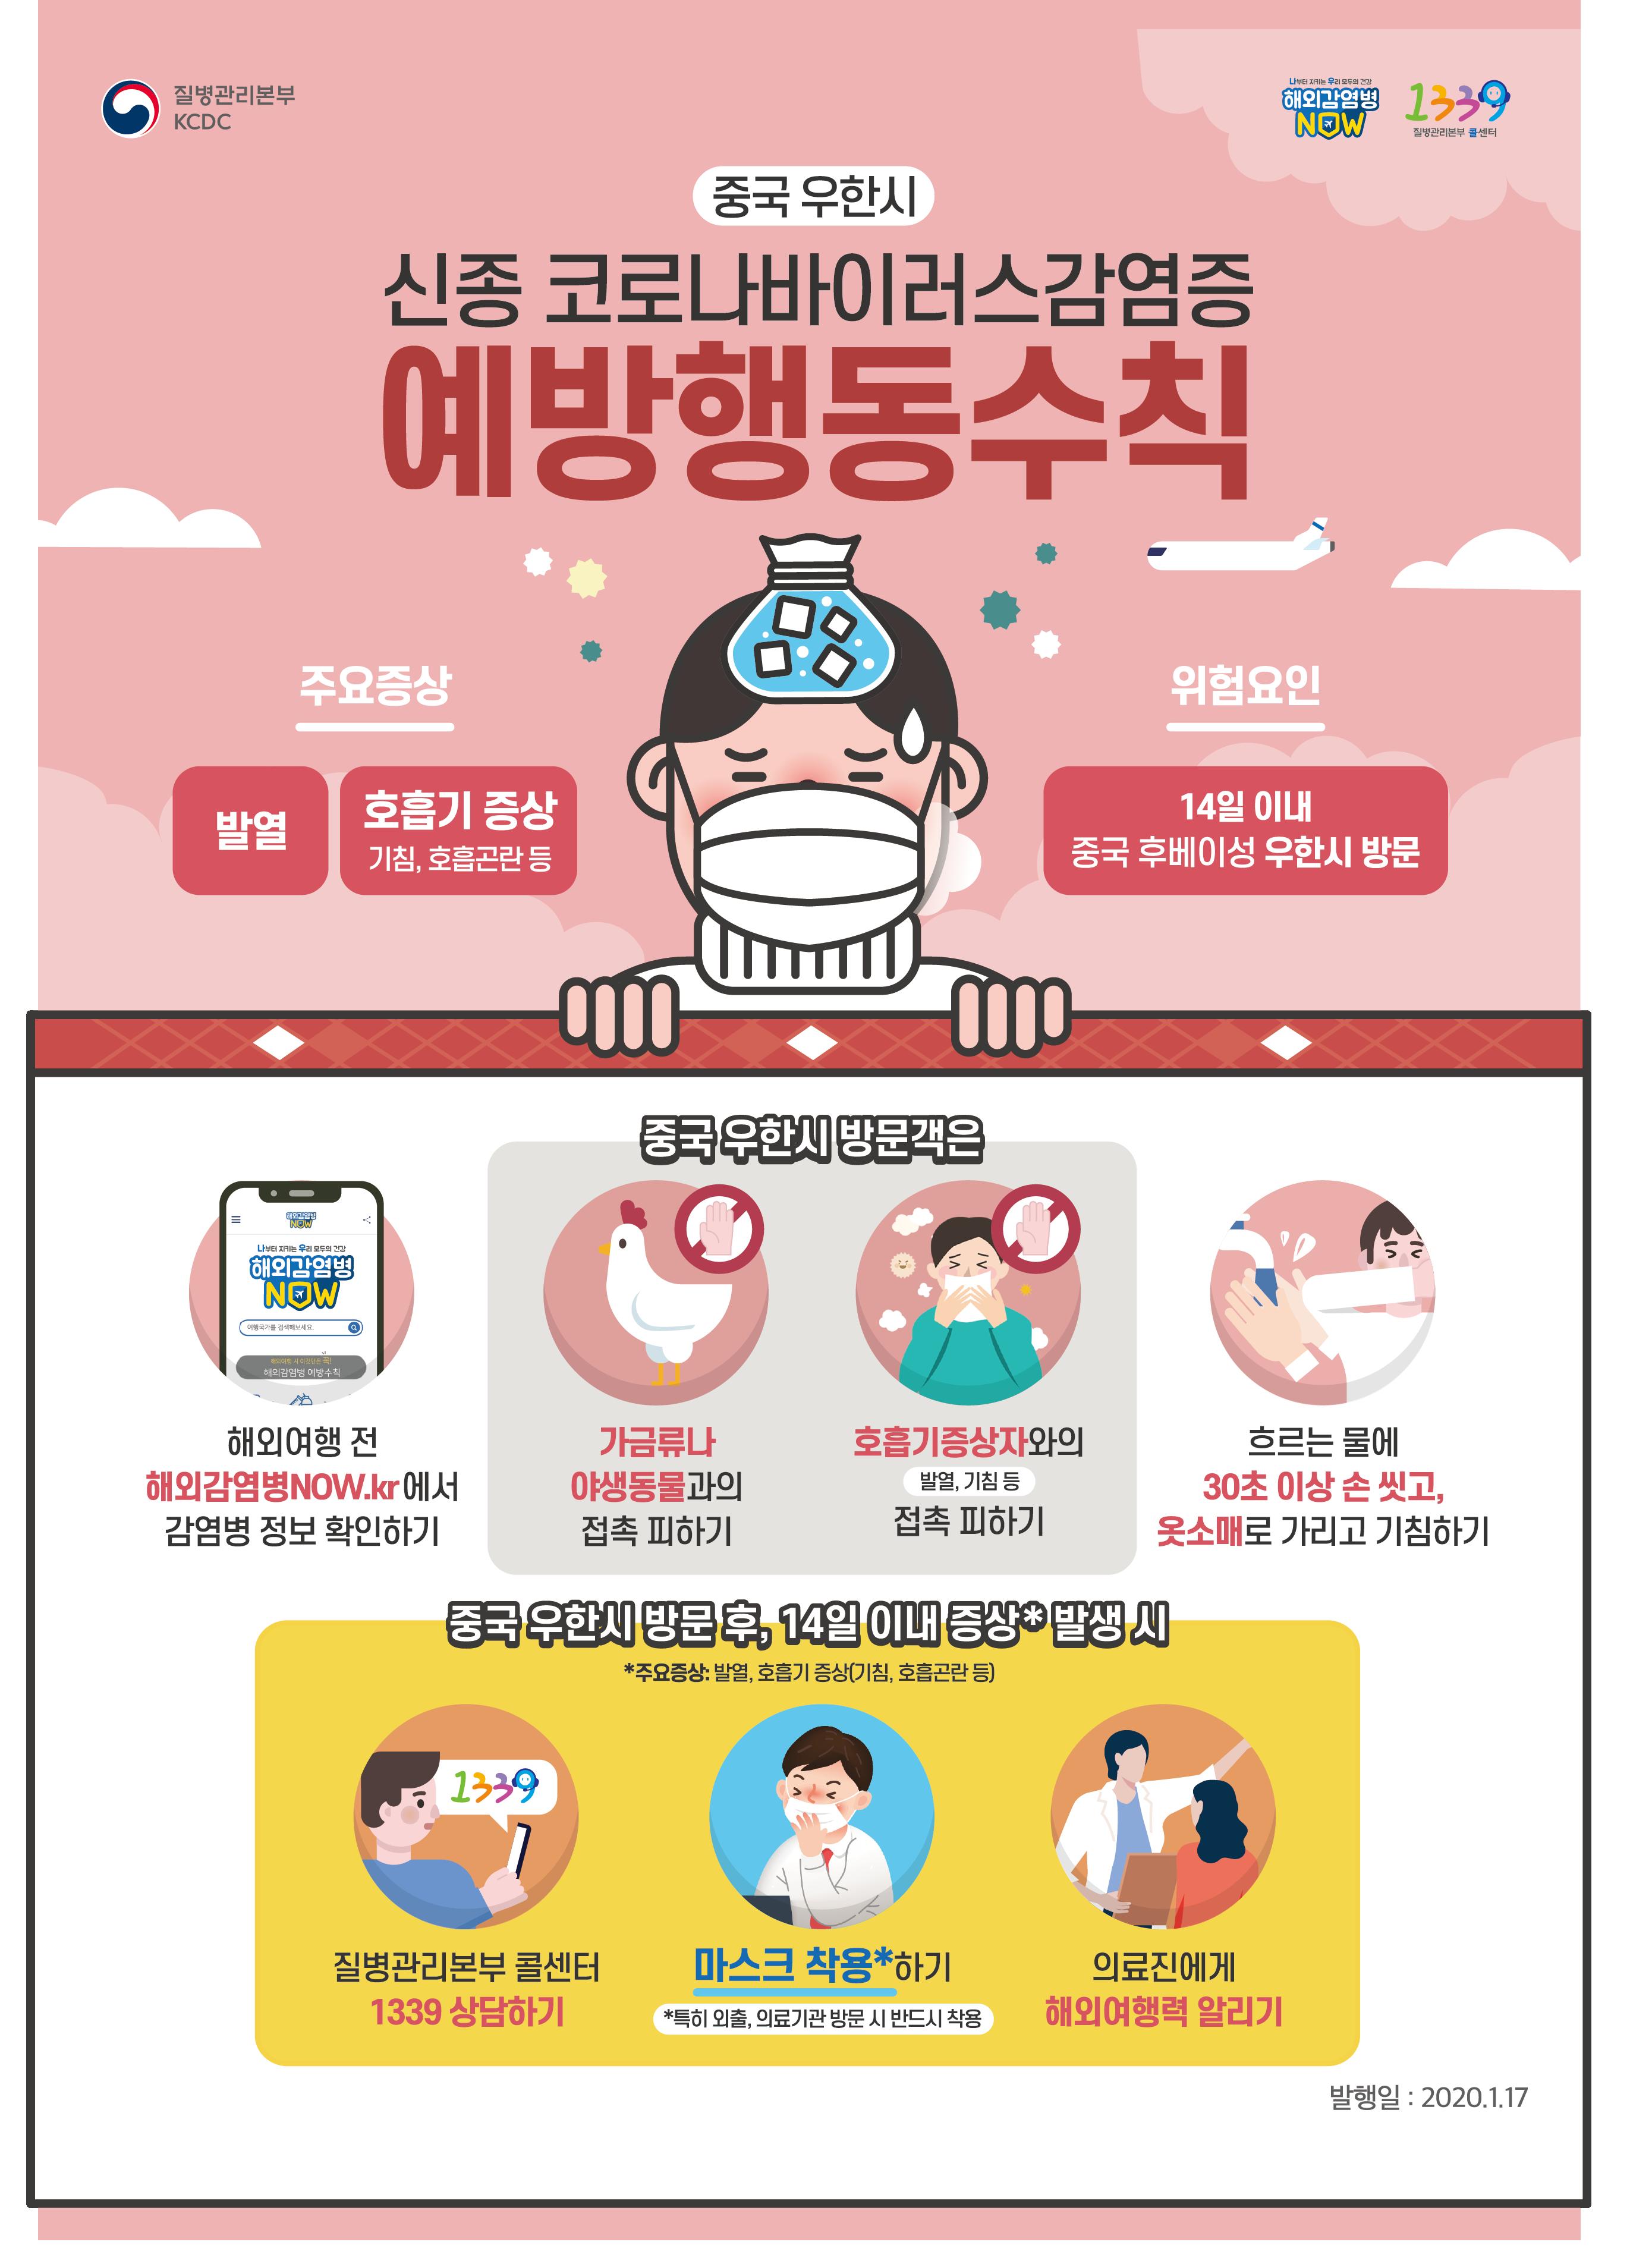 신종코로나바이러스감염증 예방행동 수칙.png